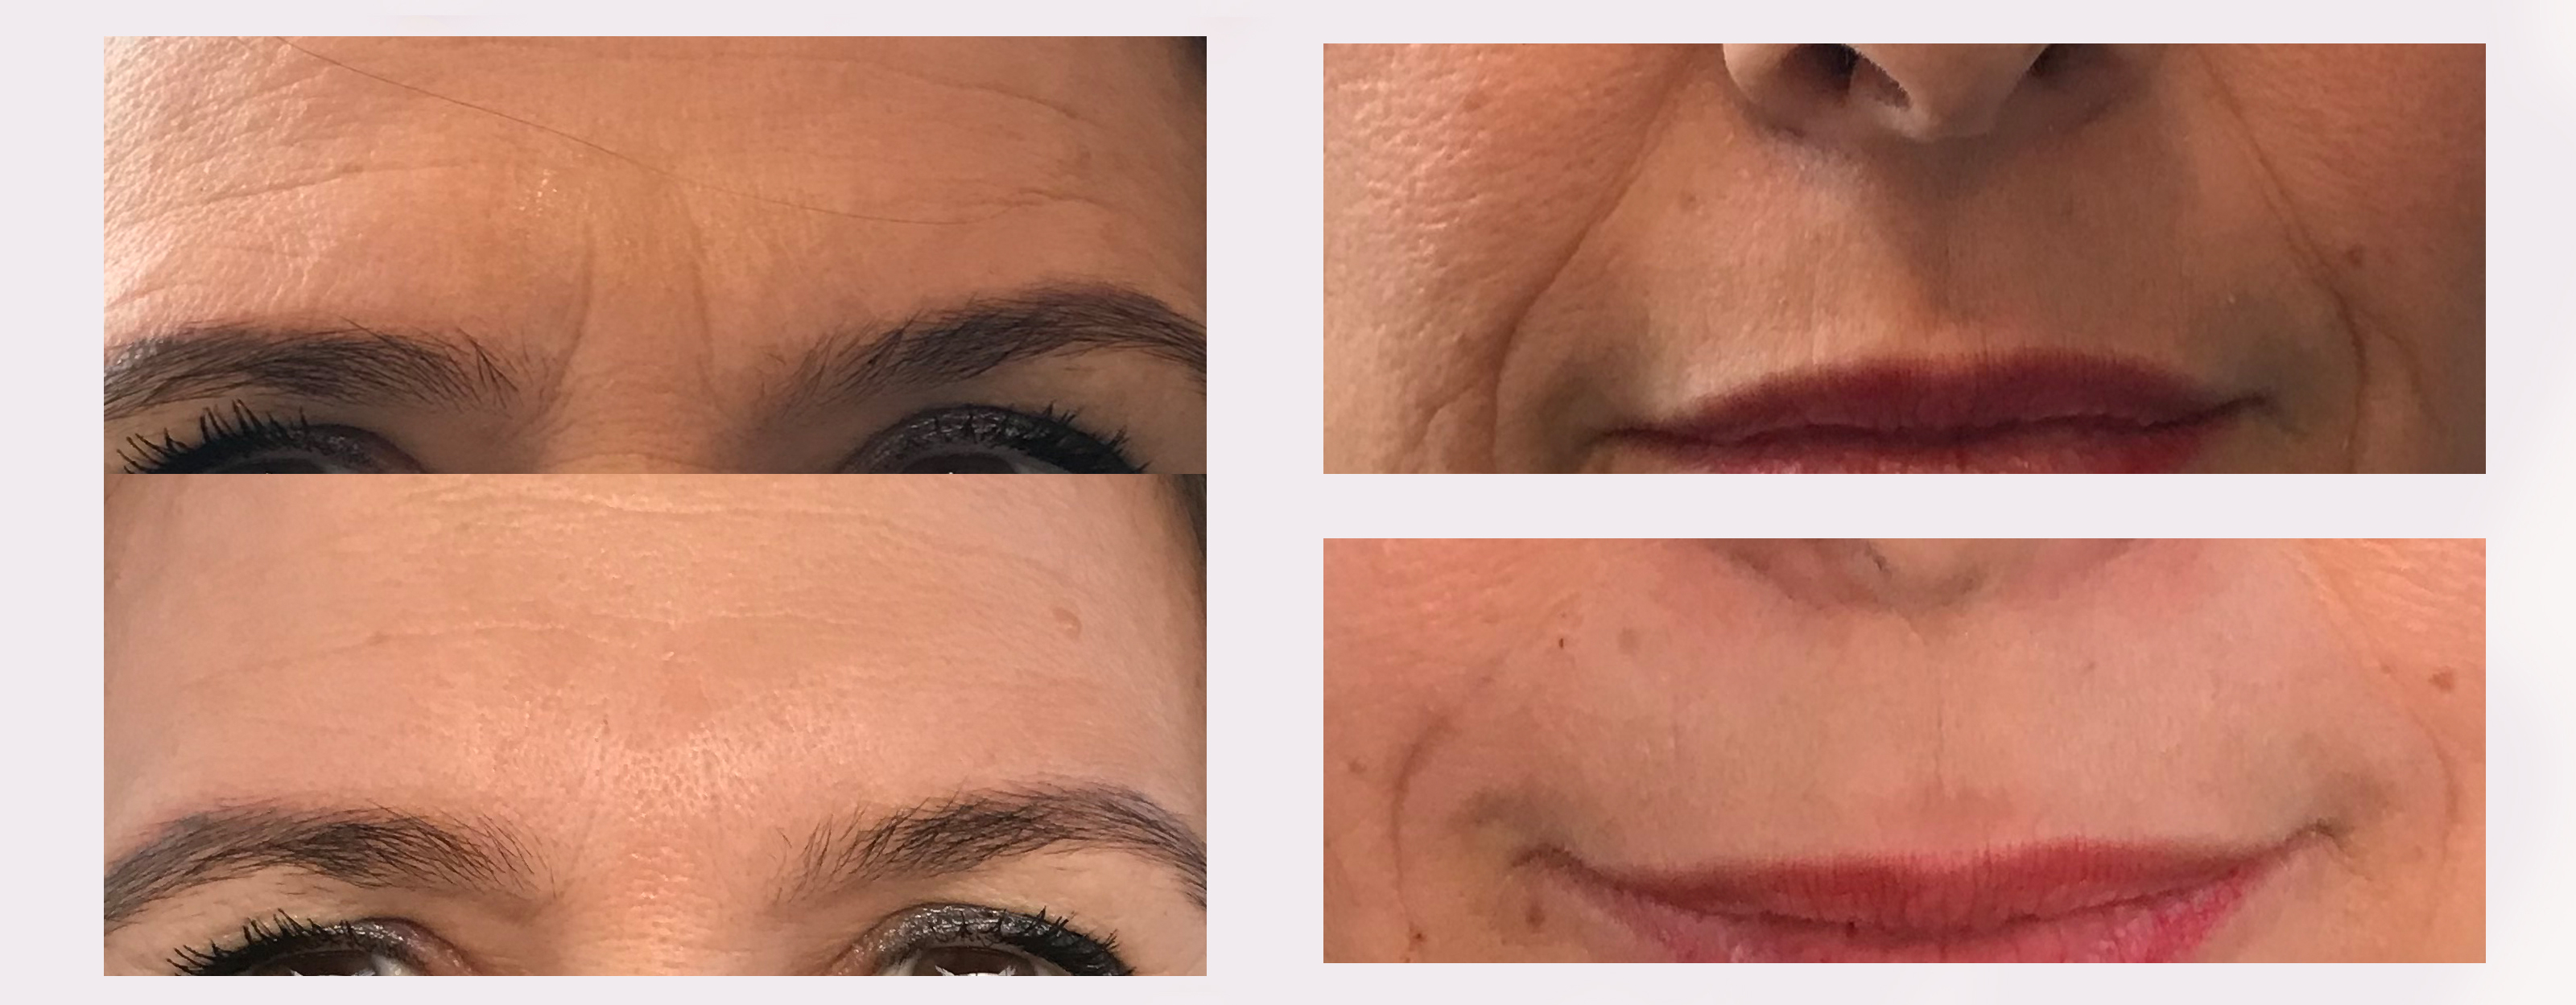 Faltenunterspritzung bei Oniro Kosmetik, Resultat direkt nach der Behandlung. Bild1 Zornesfalten & Stirnfalten. Bild 2: Marionettenfalten und Lippenfalten, keine Lippenauffüllung